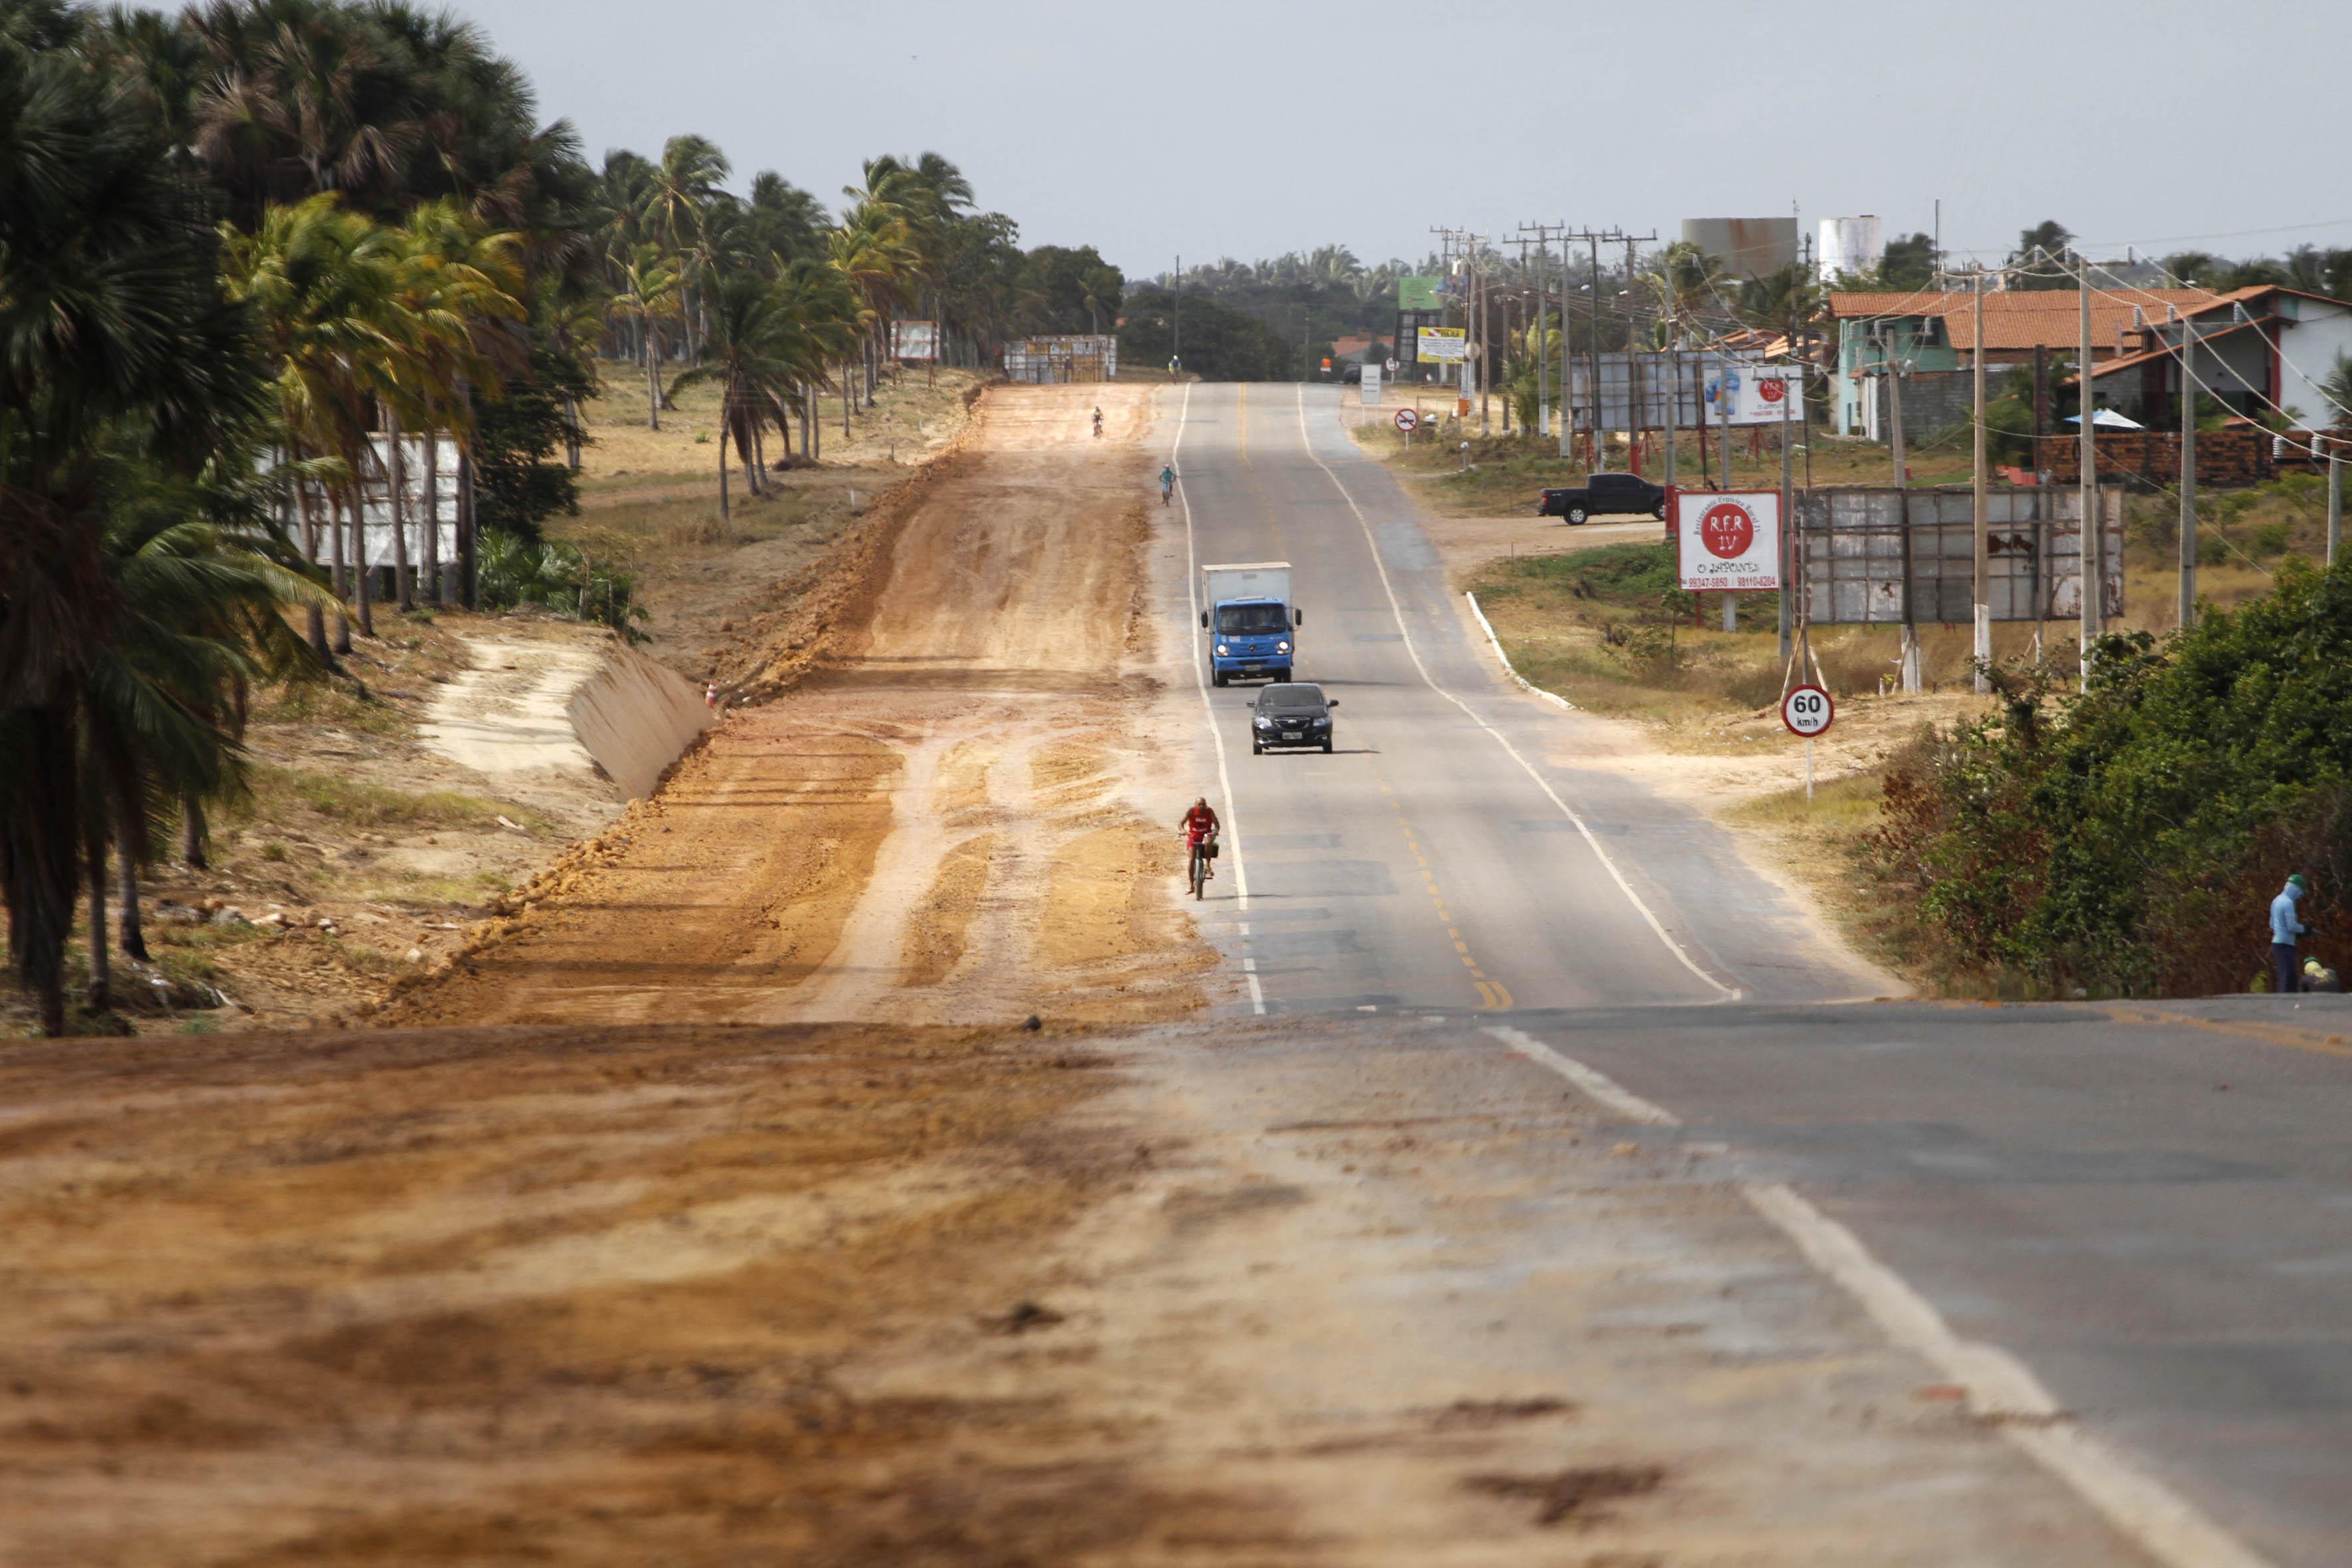 Além da duplicação da rodovia, o projeto prevê a criação de um canteiro central, ciclovia iluminada nos dois sentidos da pista e diversas travessias p